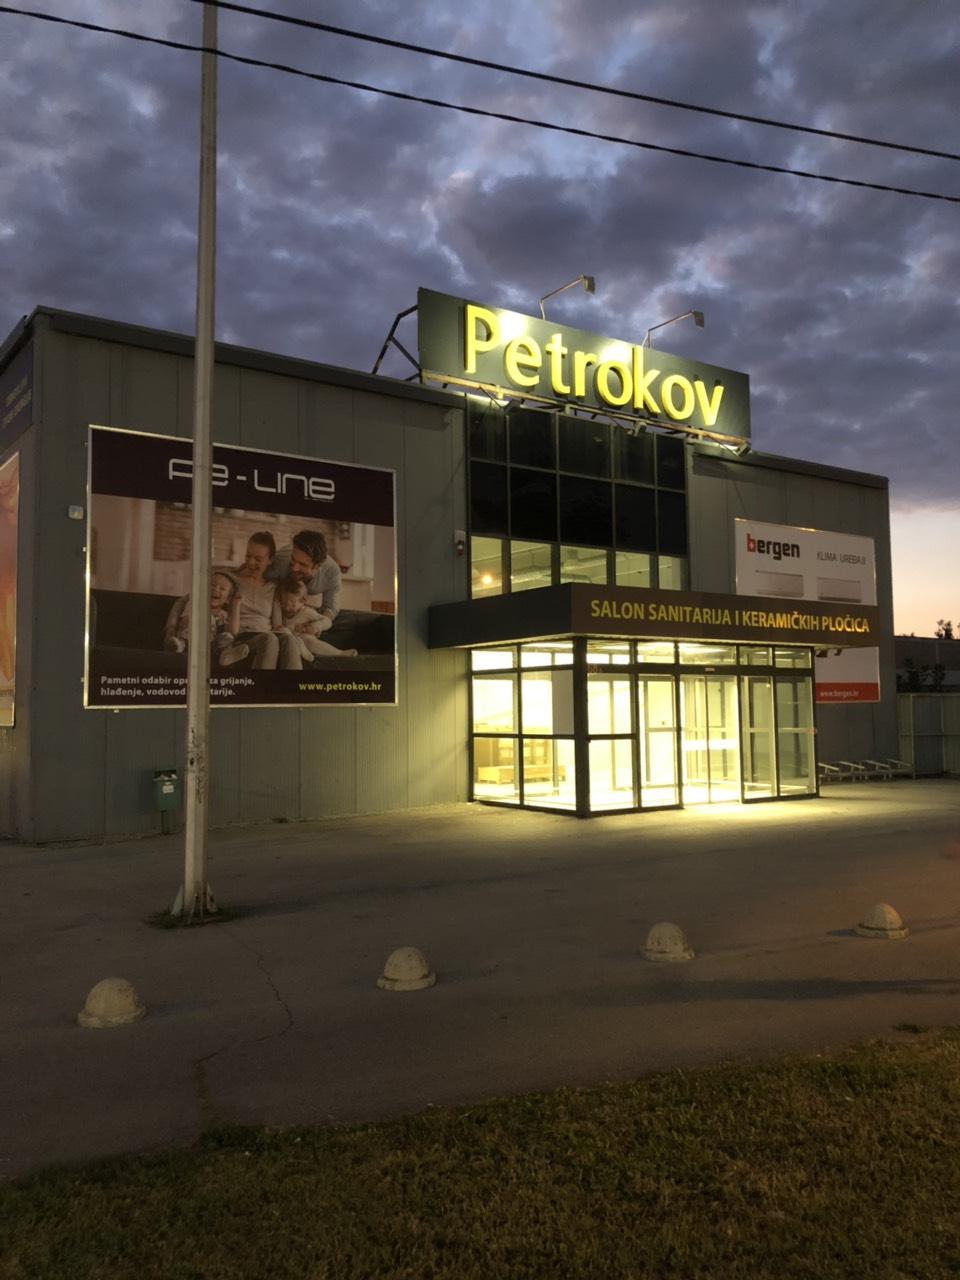 Petrokov poslovnica osijek